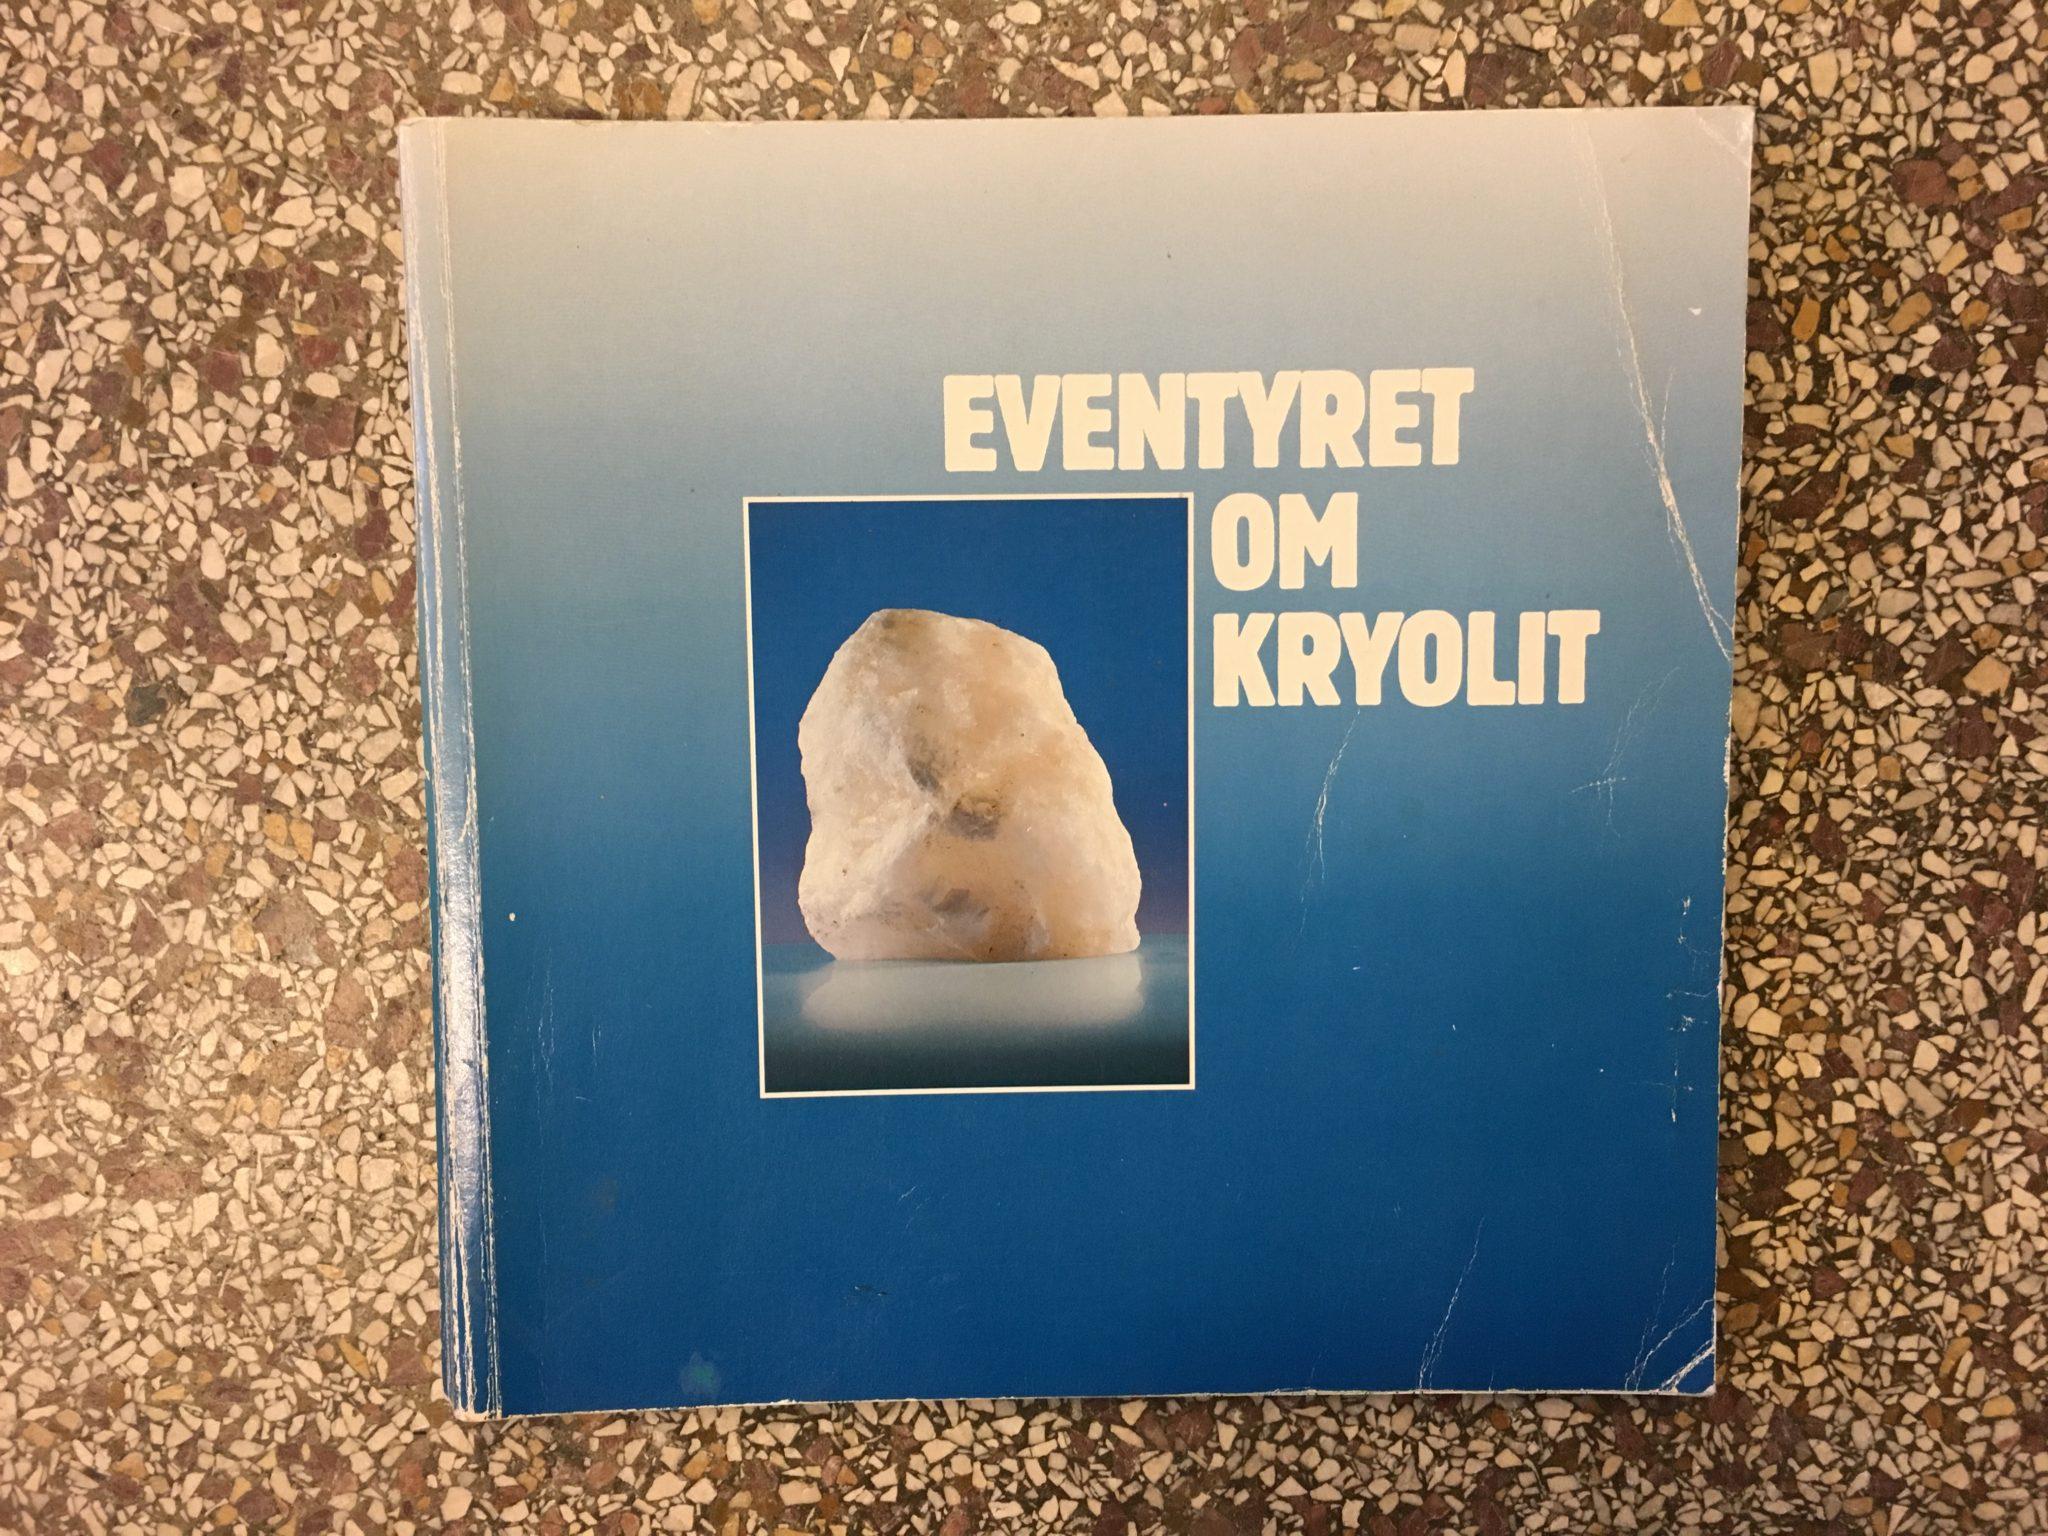 Eventyret om Kryolit, pris 75 kr.